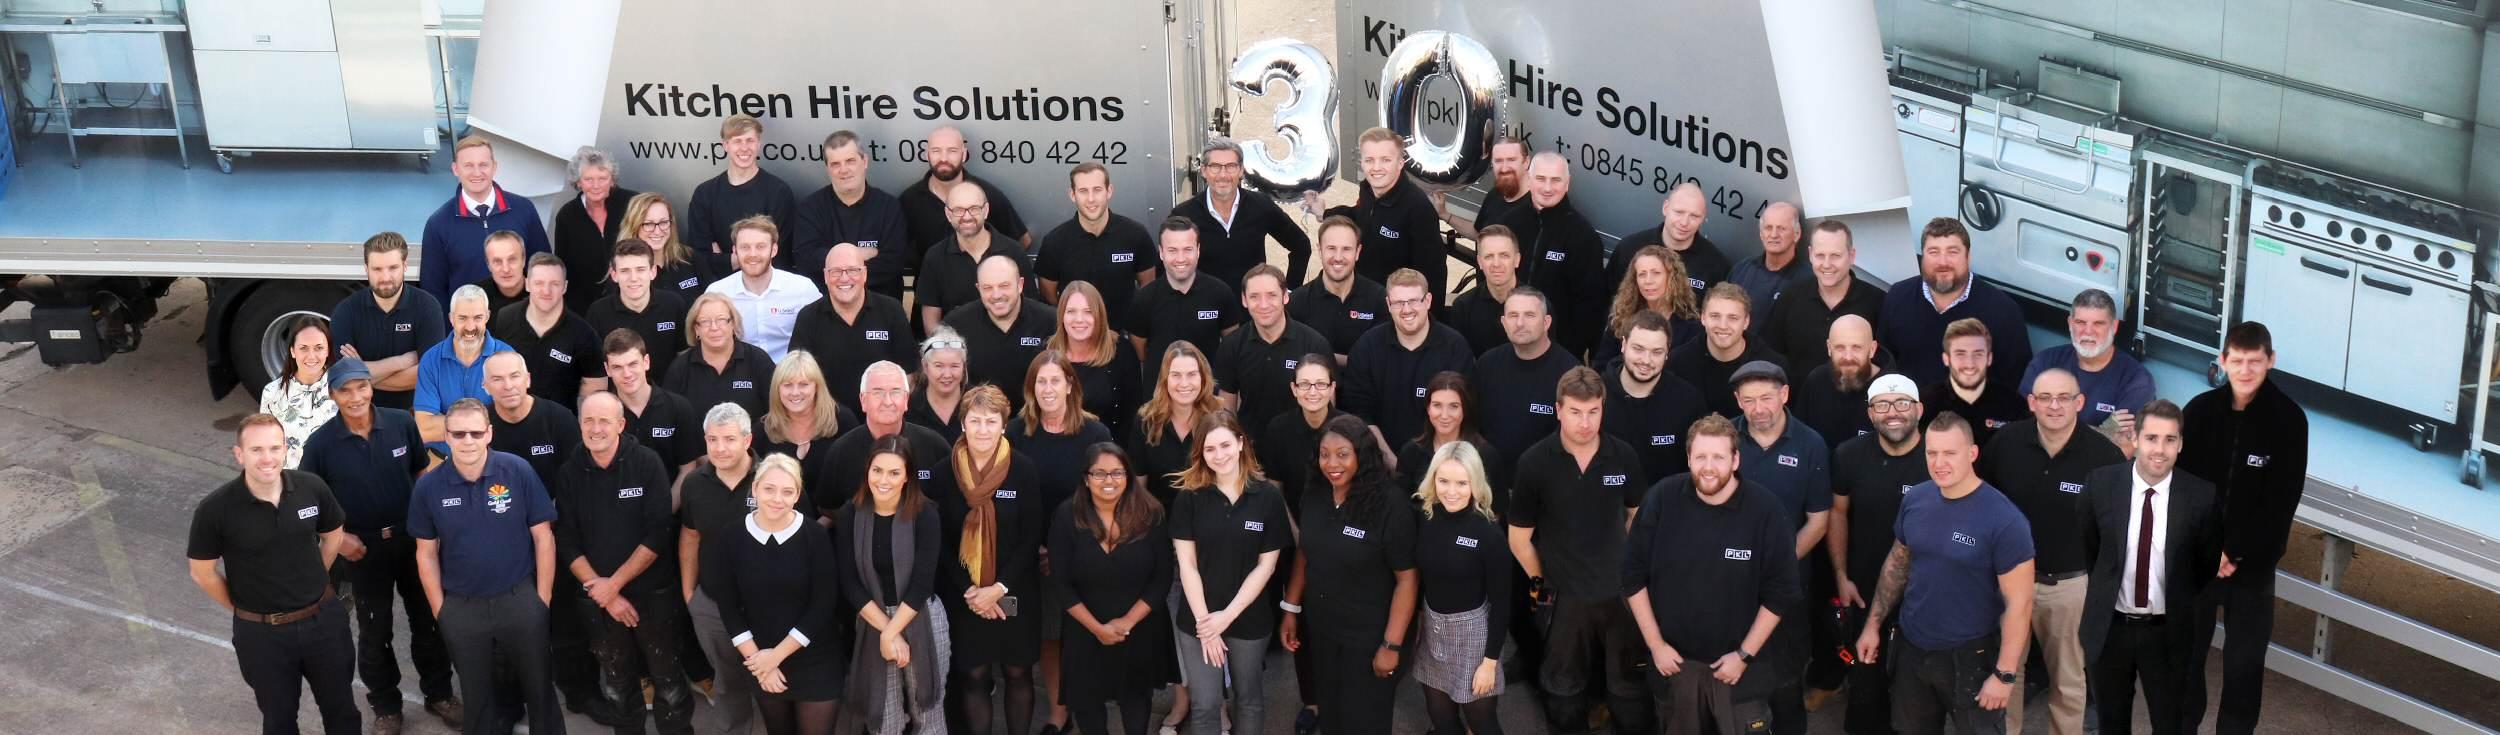 PKL Staff Photo